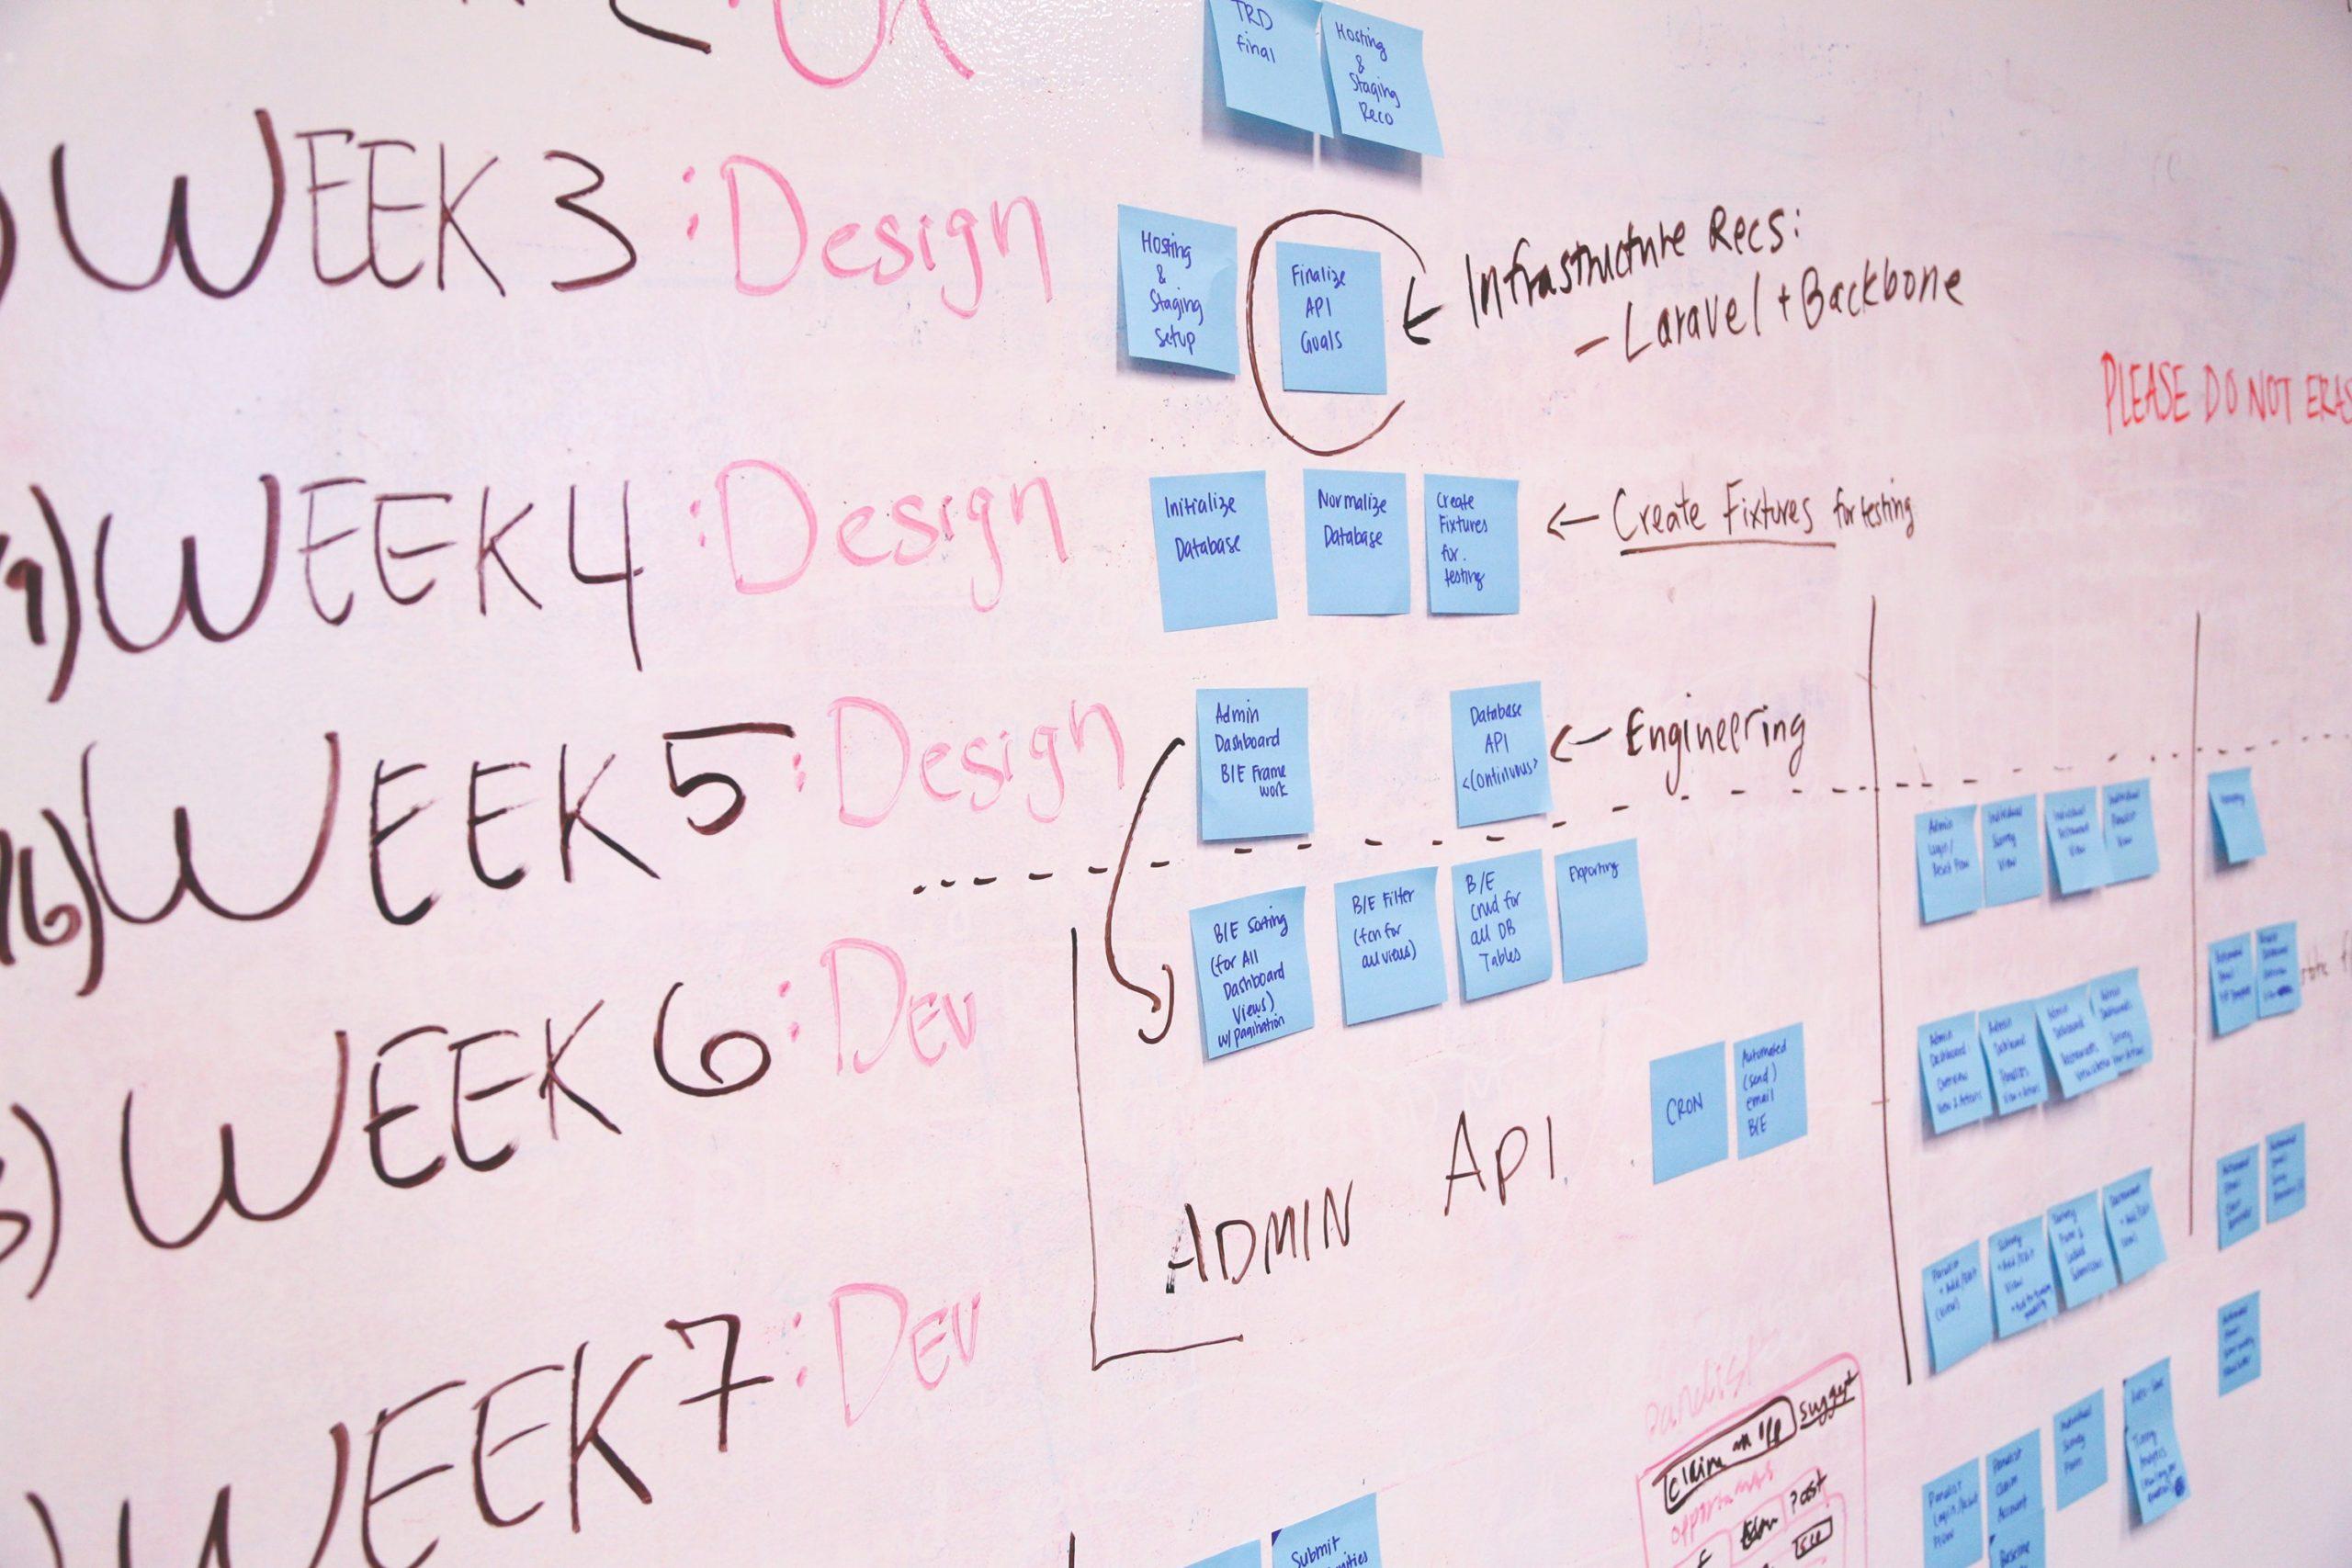 Agiles Projektmanagement: 5 Tipps wie Sie vorausschauend Abweichungen managen und gleichzeitig Kosten sparen können